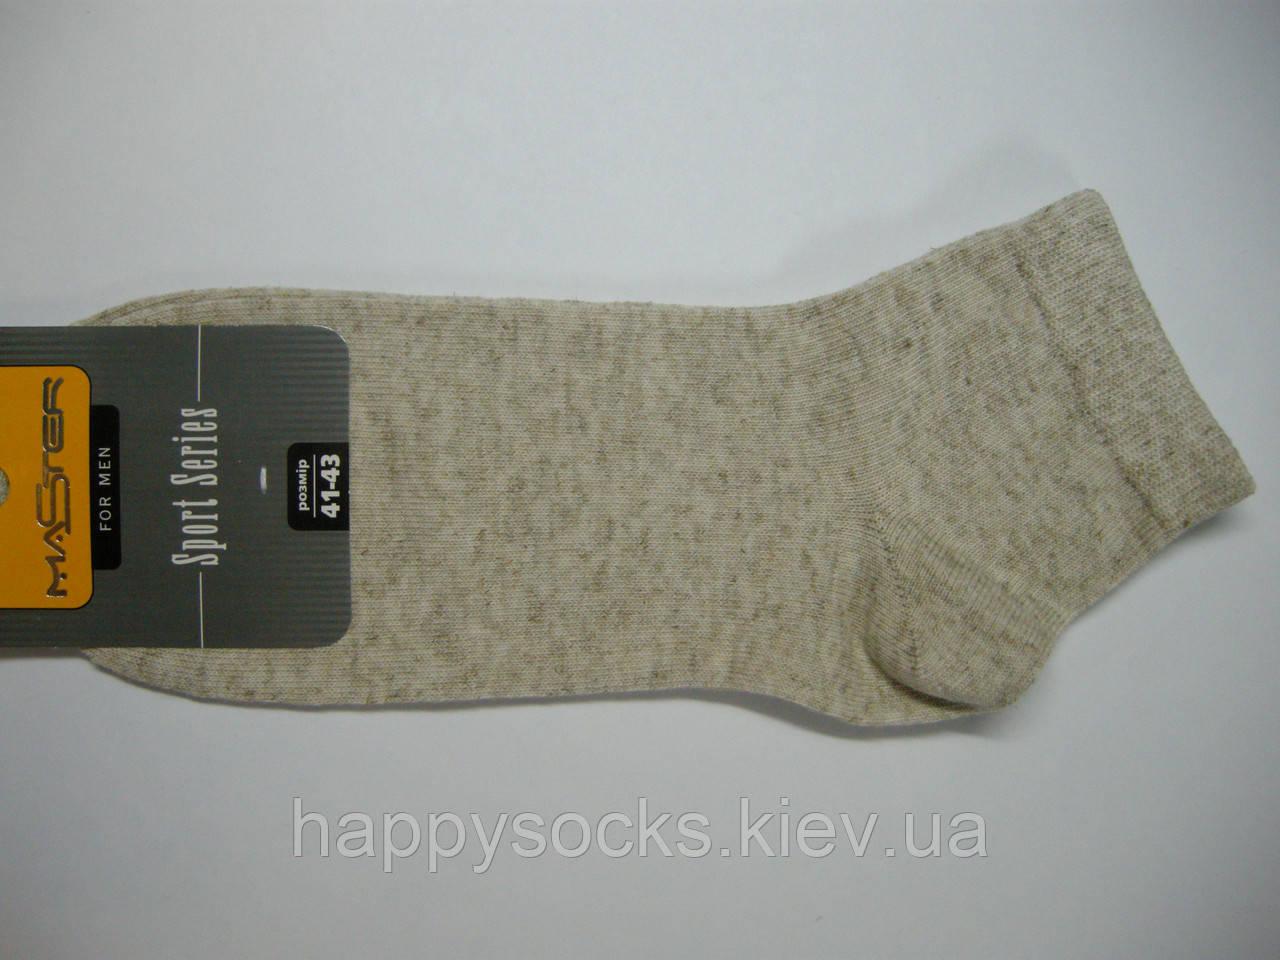 Тонкие хлопково-льняные носки